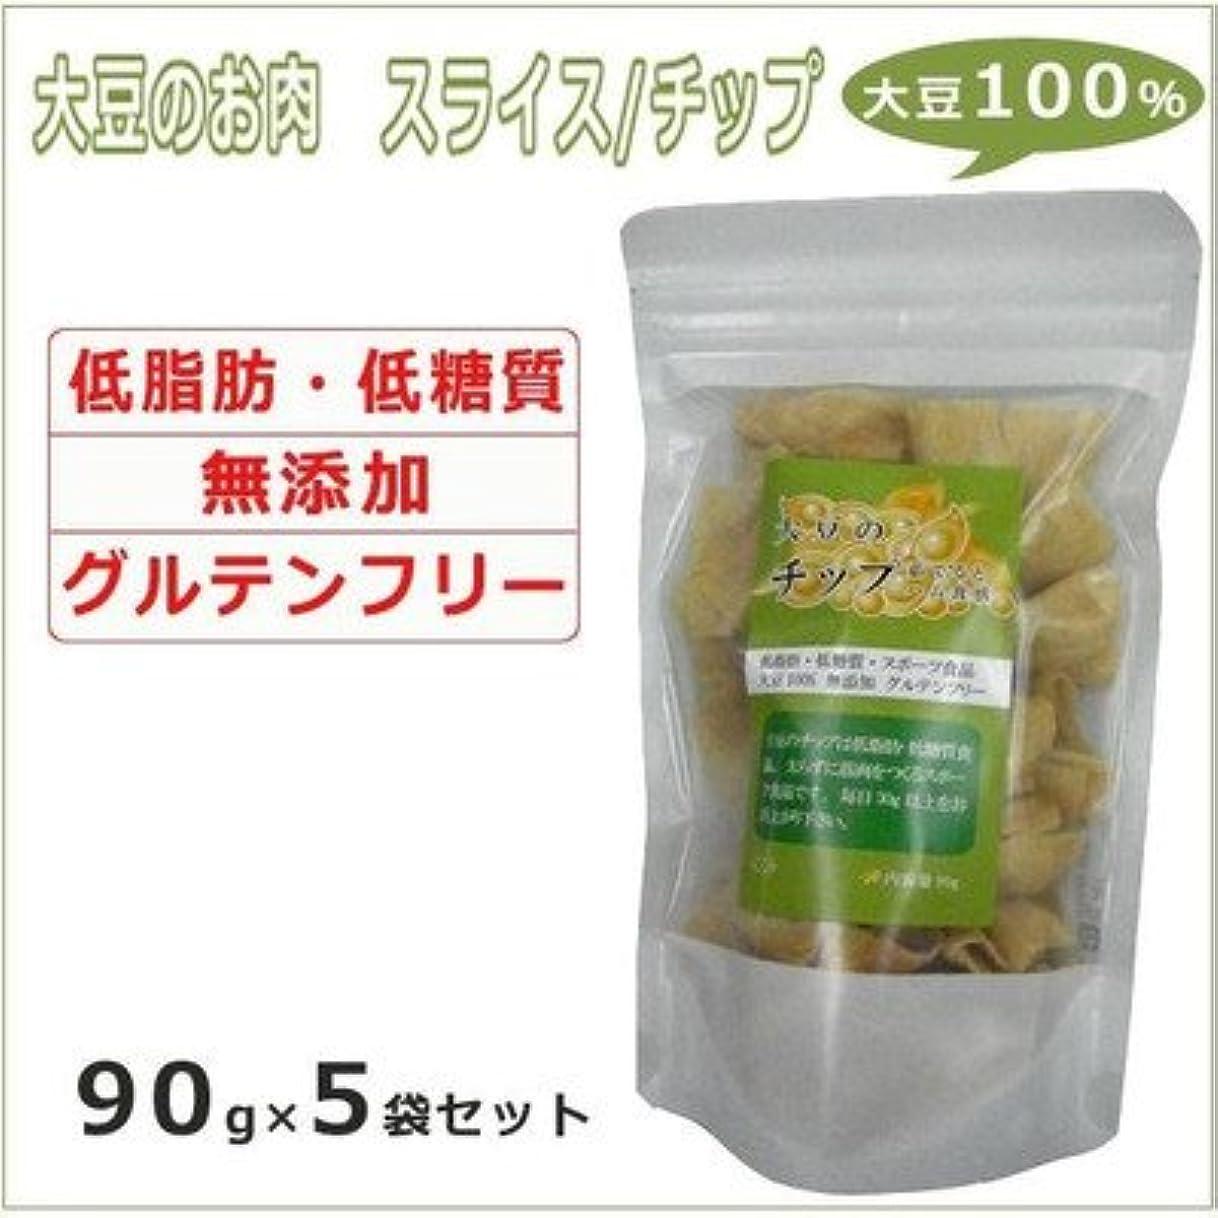 報復永久にプロフィール大豆のお肉 ソイミート スライス/チップ 90g×5袋